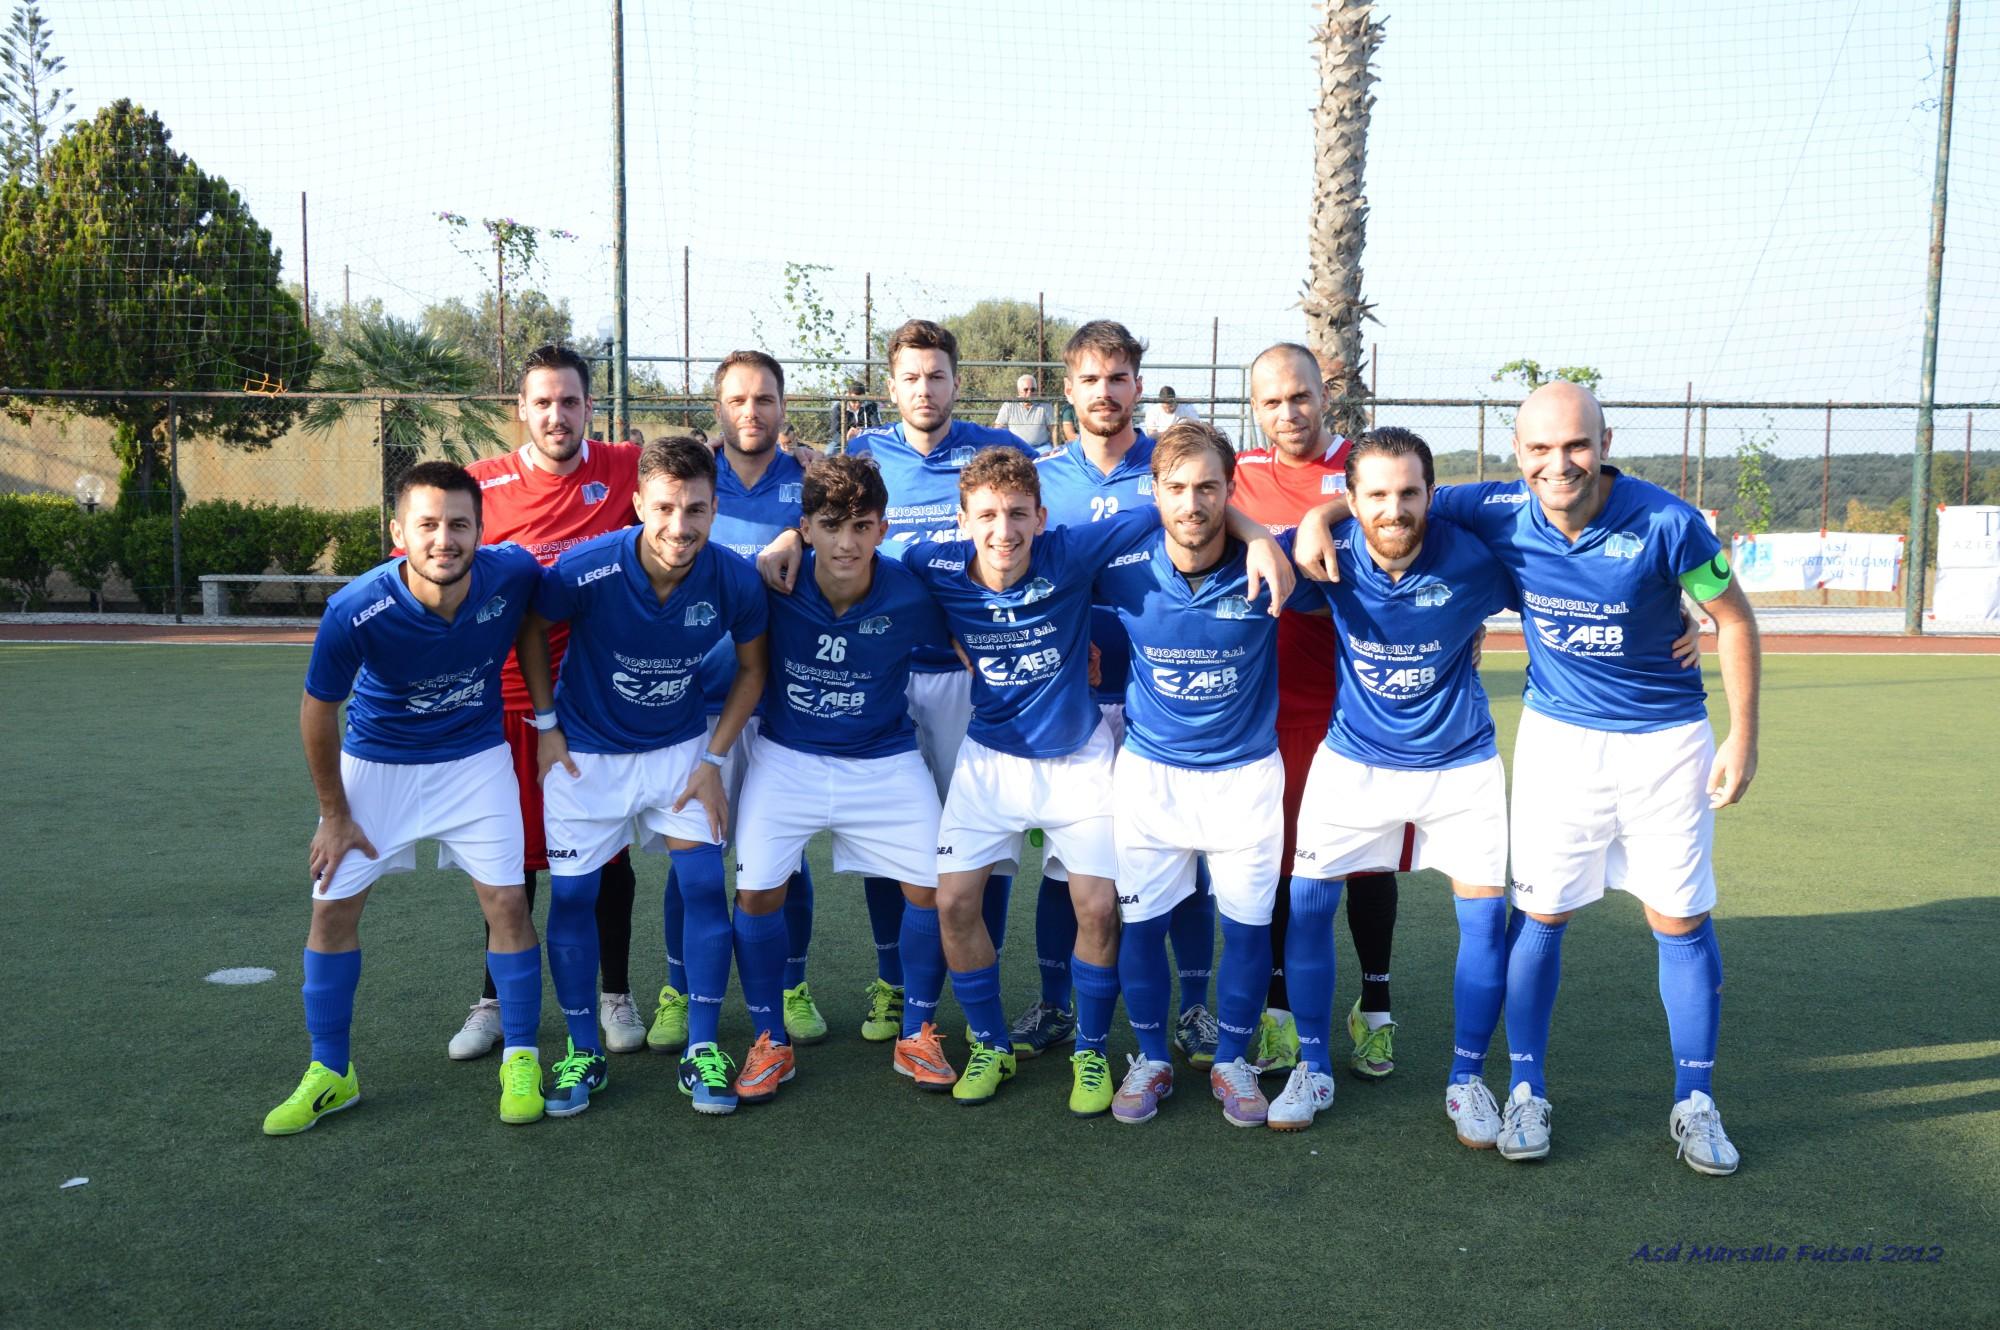 Calcio a 5: il Marsala Futsal soffre ma vince ad Alcamo 4 a 5